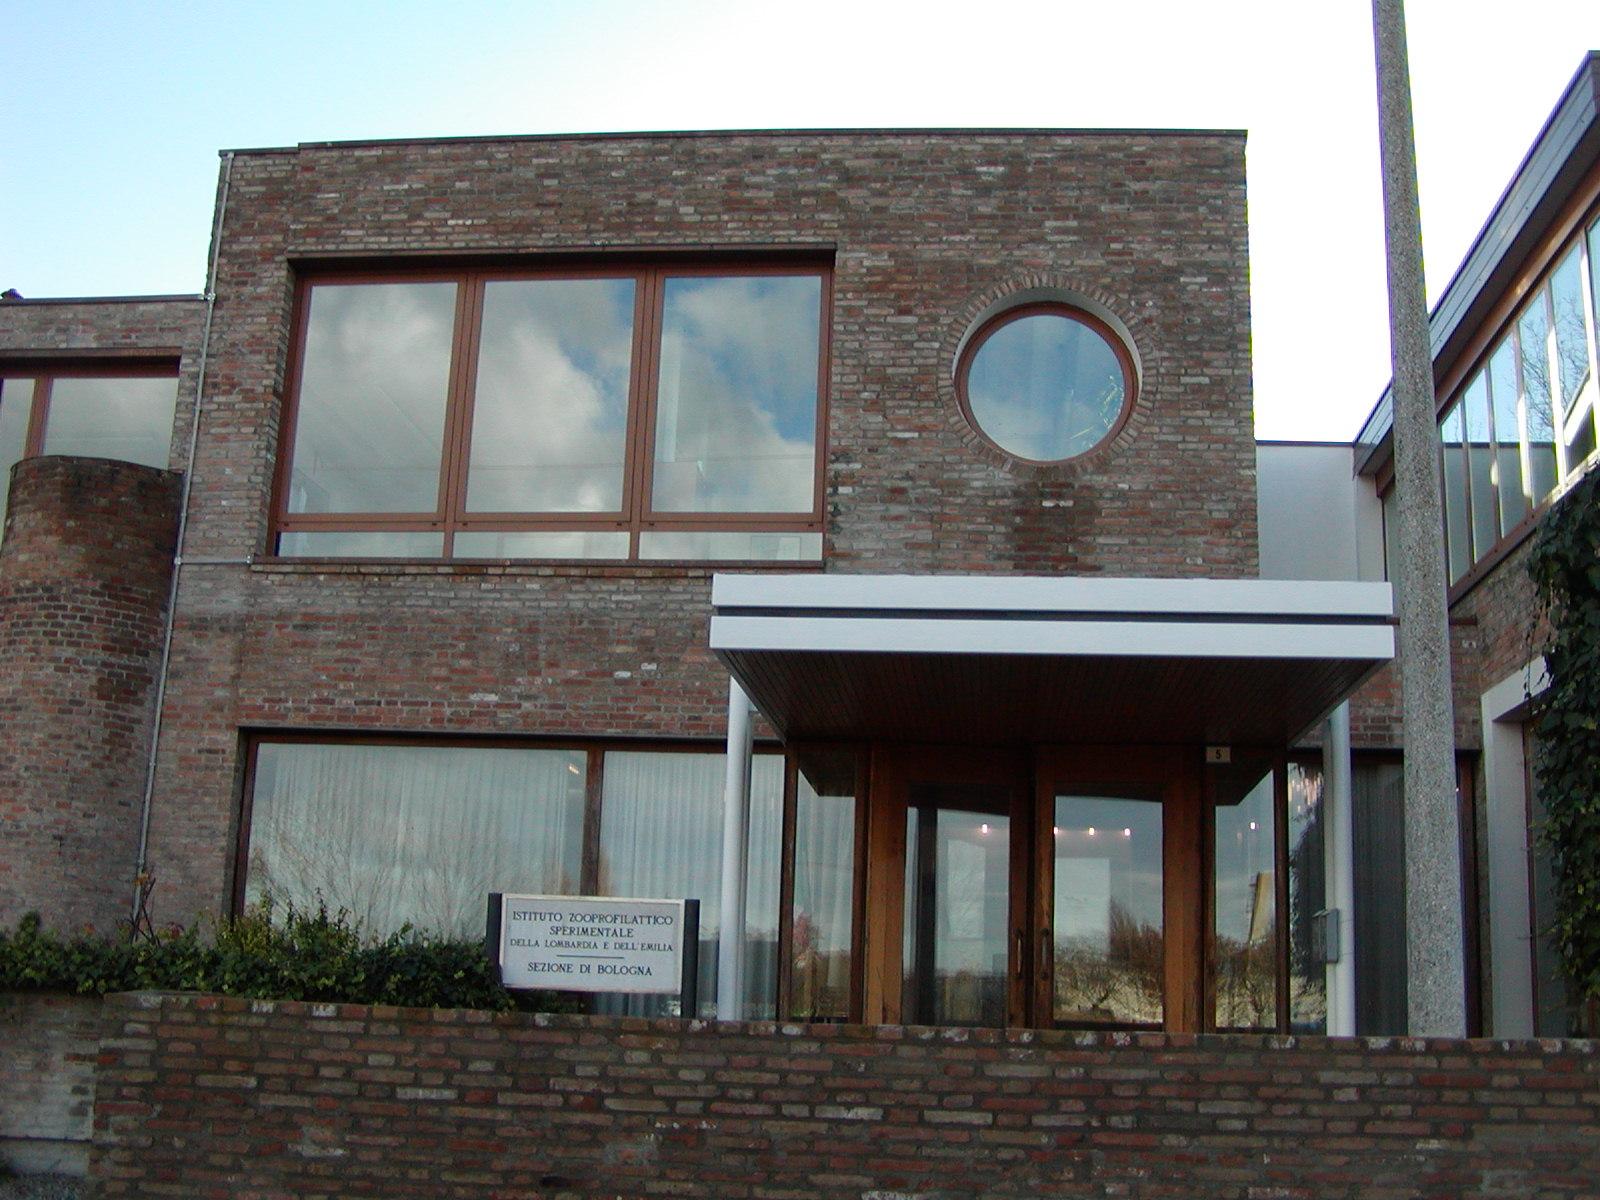 Studio-di-architettura-Baisotti-Sigala-prgetti.11.2003-02723